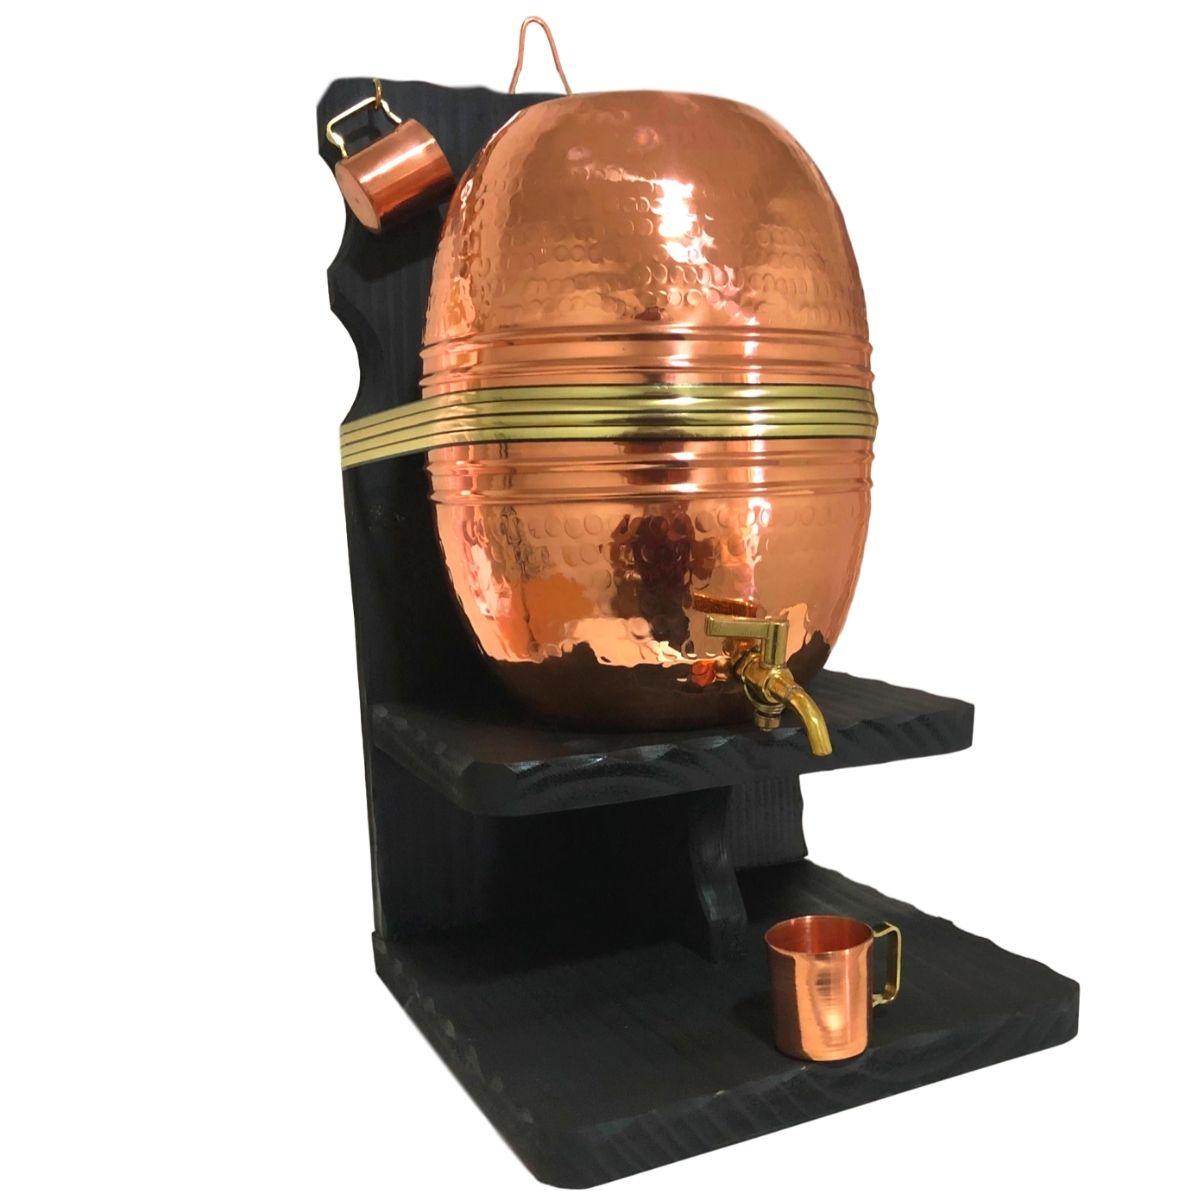 Barril de Cobre Martelado 5 litros + 2 Canequinhas de Cobre